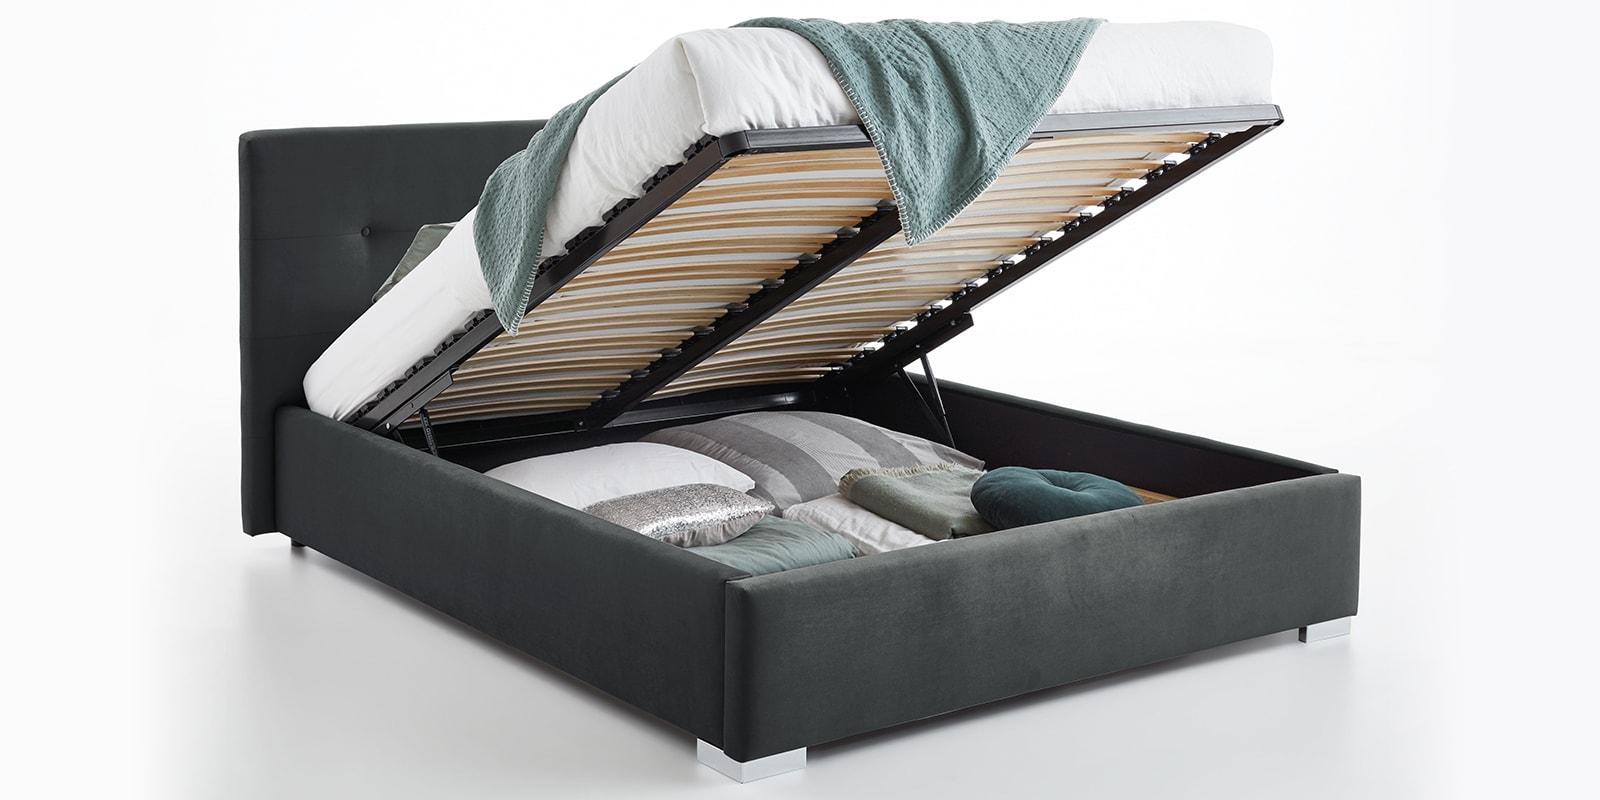 Moebella24 - Bett - mit - Bettkasten - Betty - Samt - Anthrazit - Stauraum - Kopfteil - mit - Knopfheftung - Bettkasten - Geöffnet - Von - vorne - links